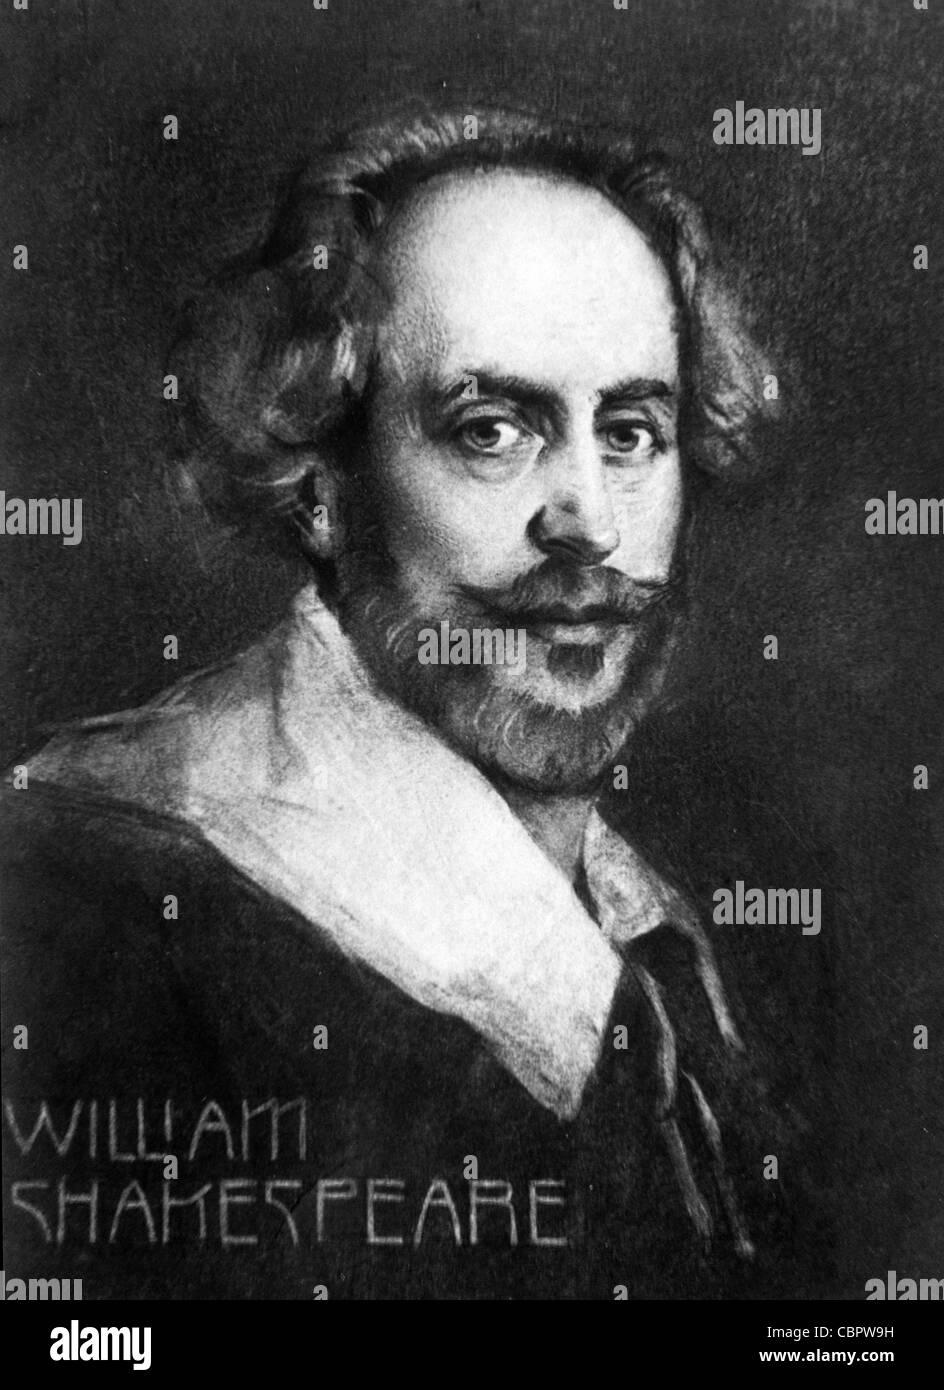 William Shakespeare (1564-1616) dramaturgo, escritor y poeta inglés. Retrato. Ilustración Vintage o Grabado Foto de stock